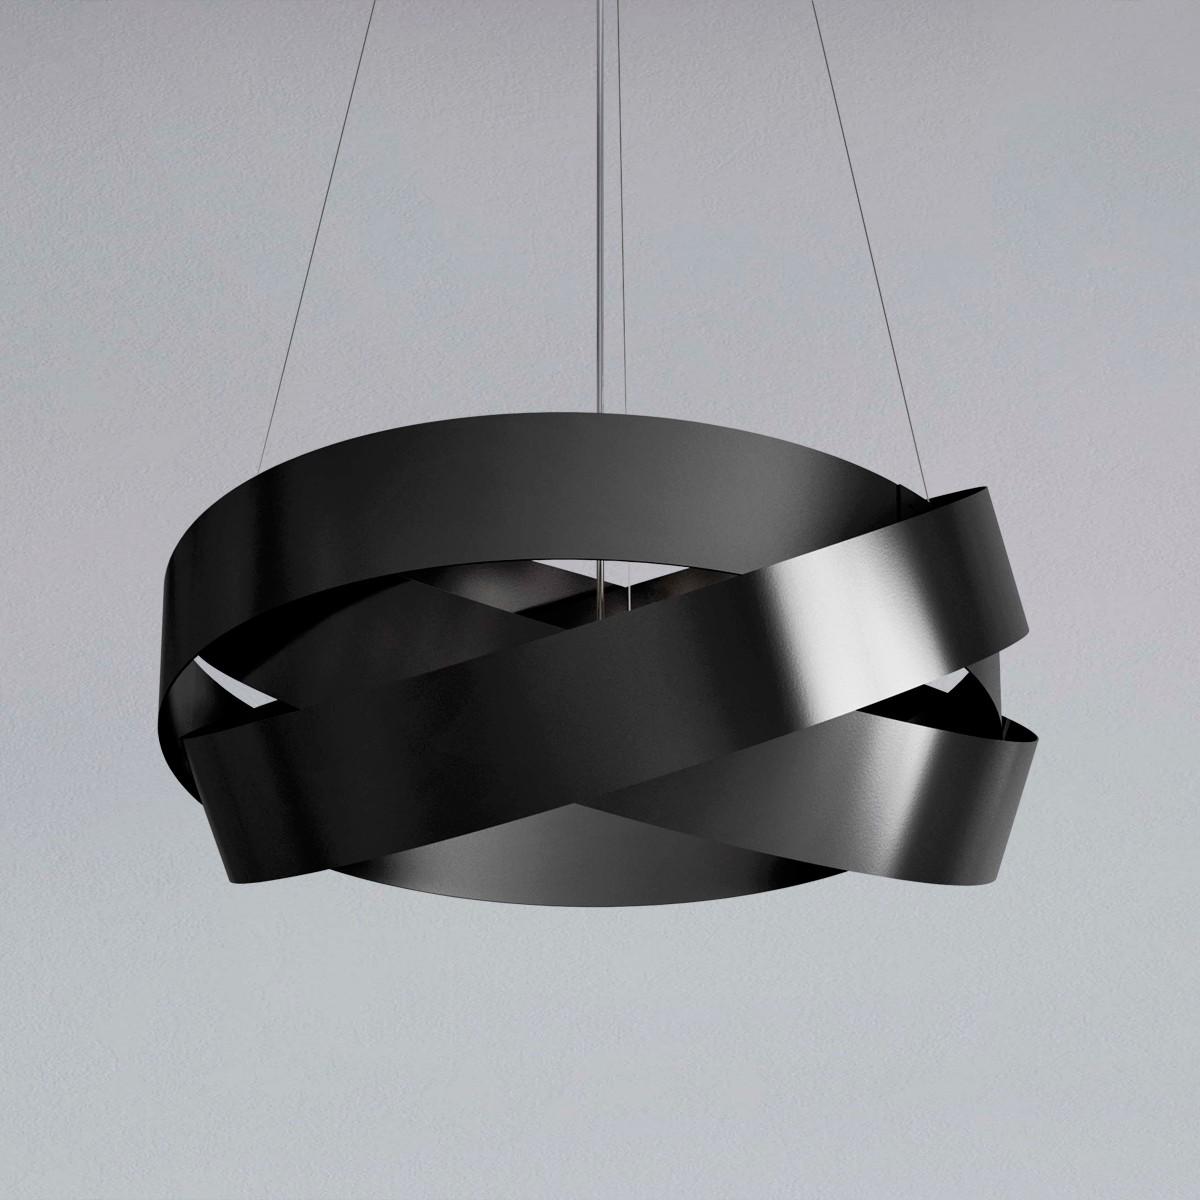 MARCHETTI Pura S60 LED Pendelleuchte, schwarz